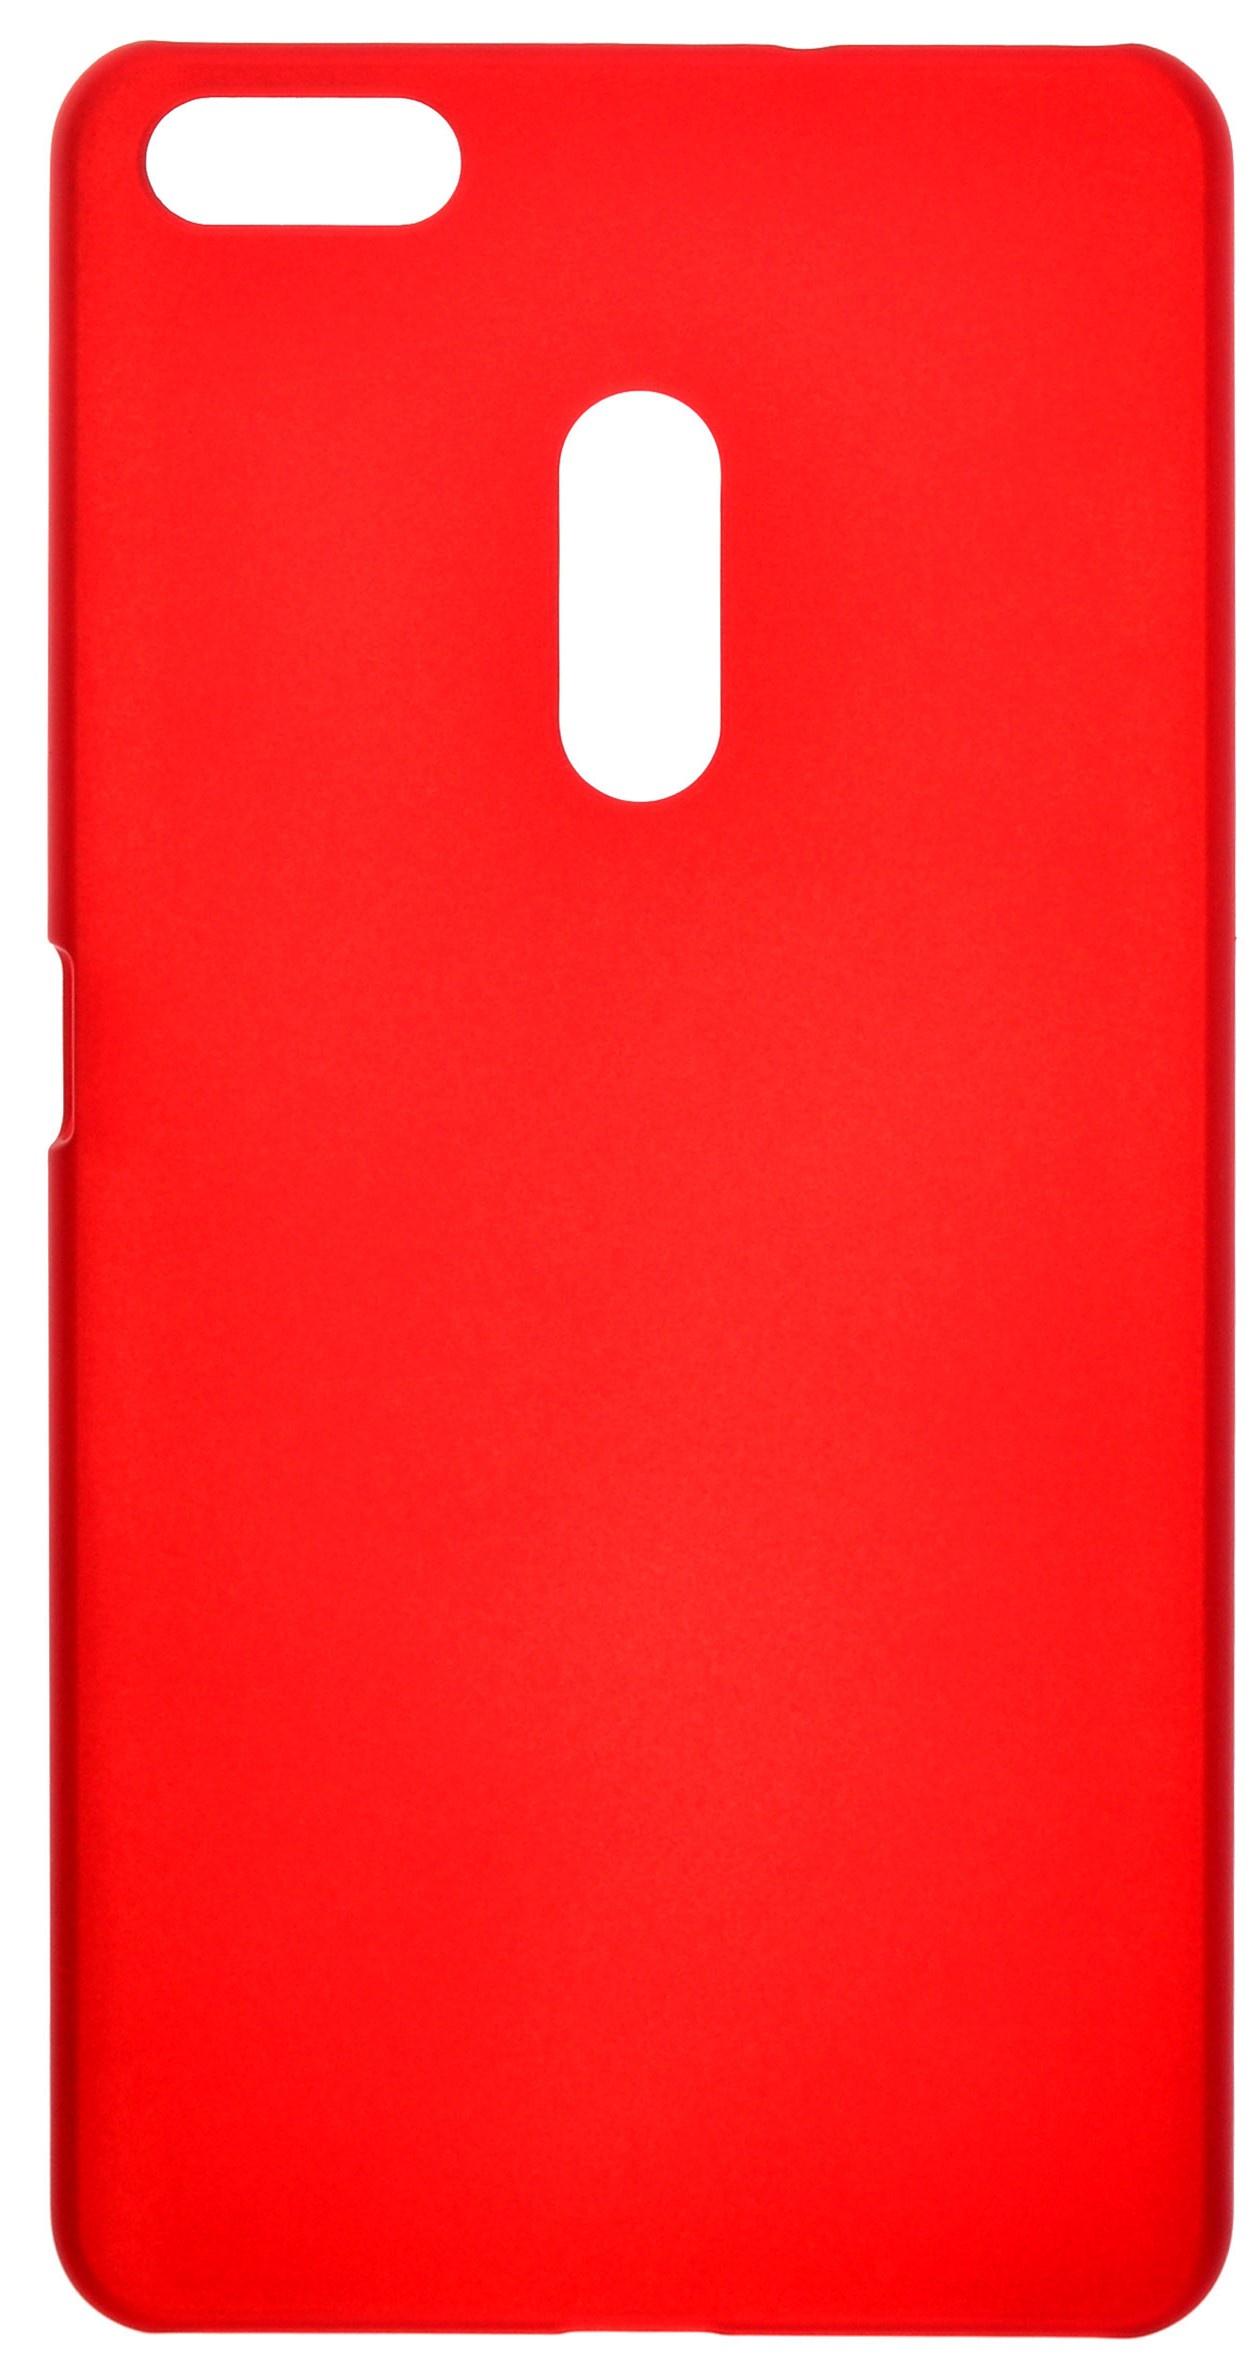 Чехол для сотового телефона skinBOX 4People, 4630042524798, красный цена